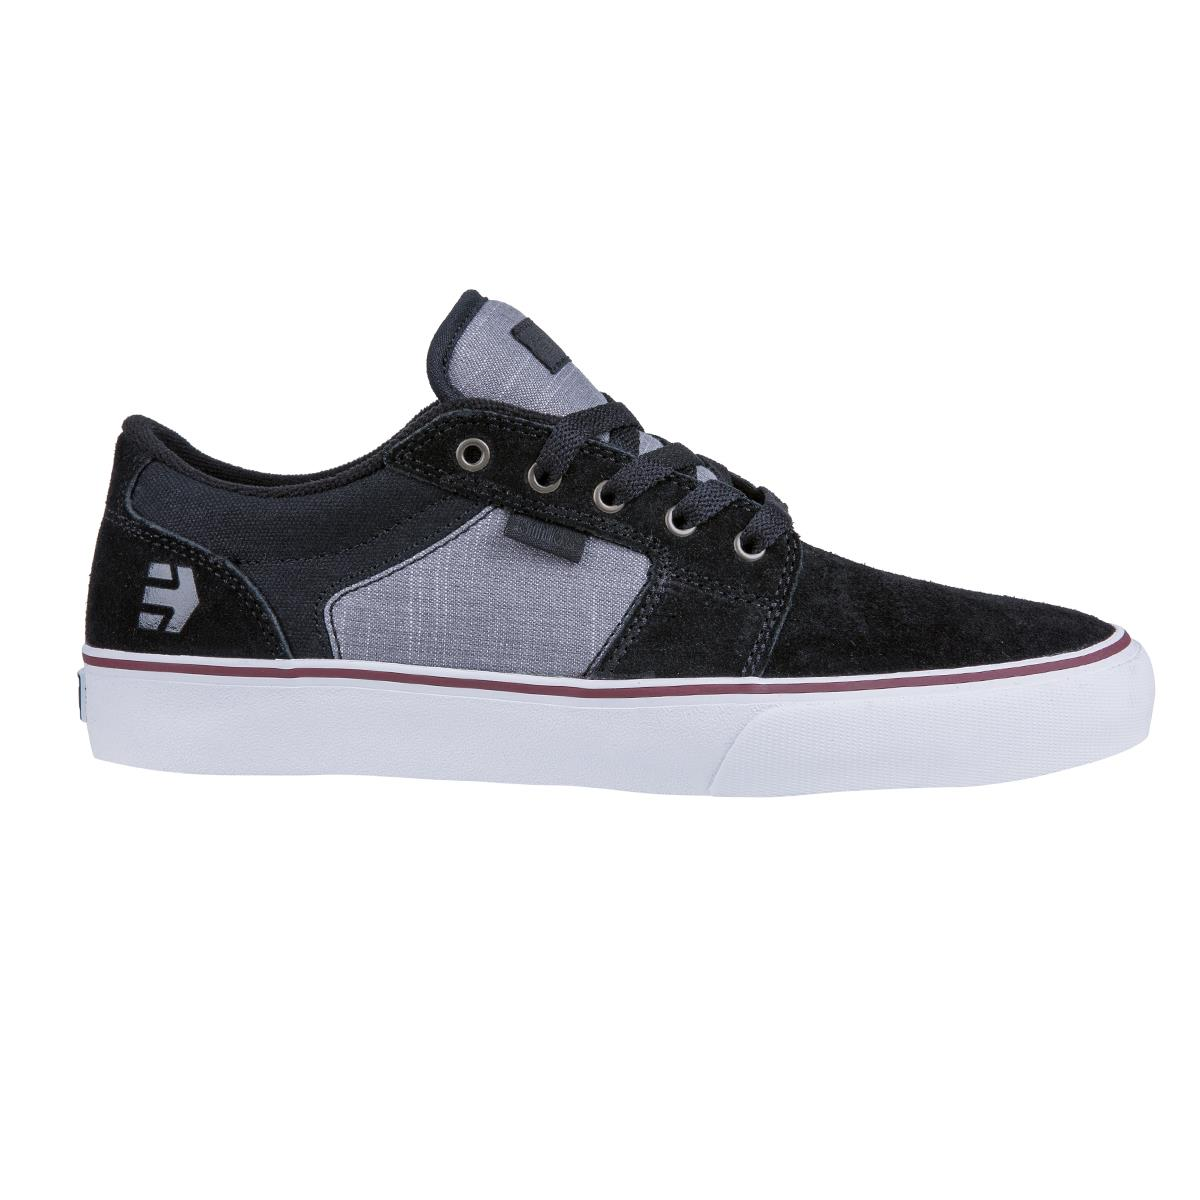 Etnies scarpe Barge Ls Nero/Grigio scuro/argento scuro/argento scuro/argento 41ac2d